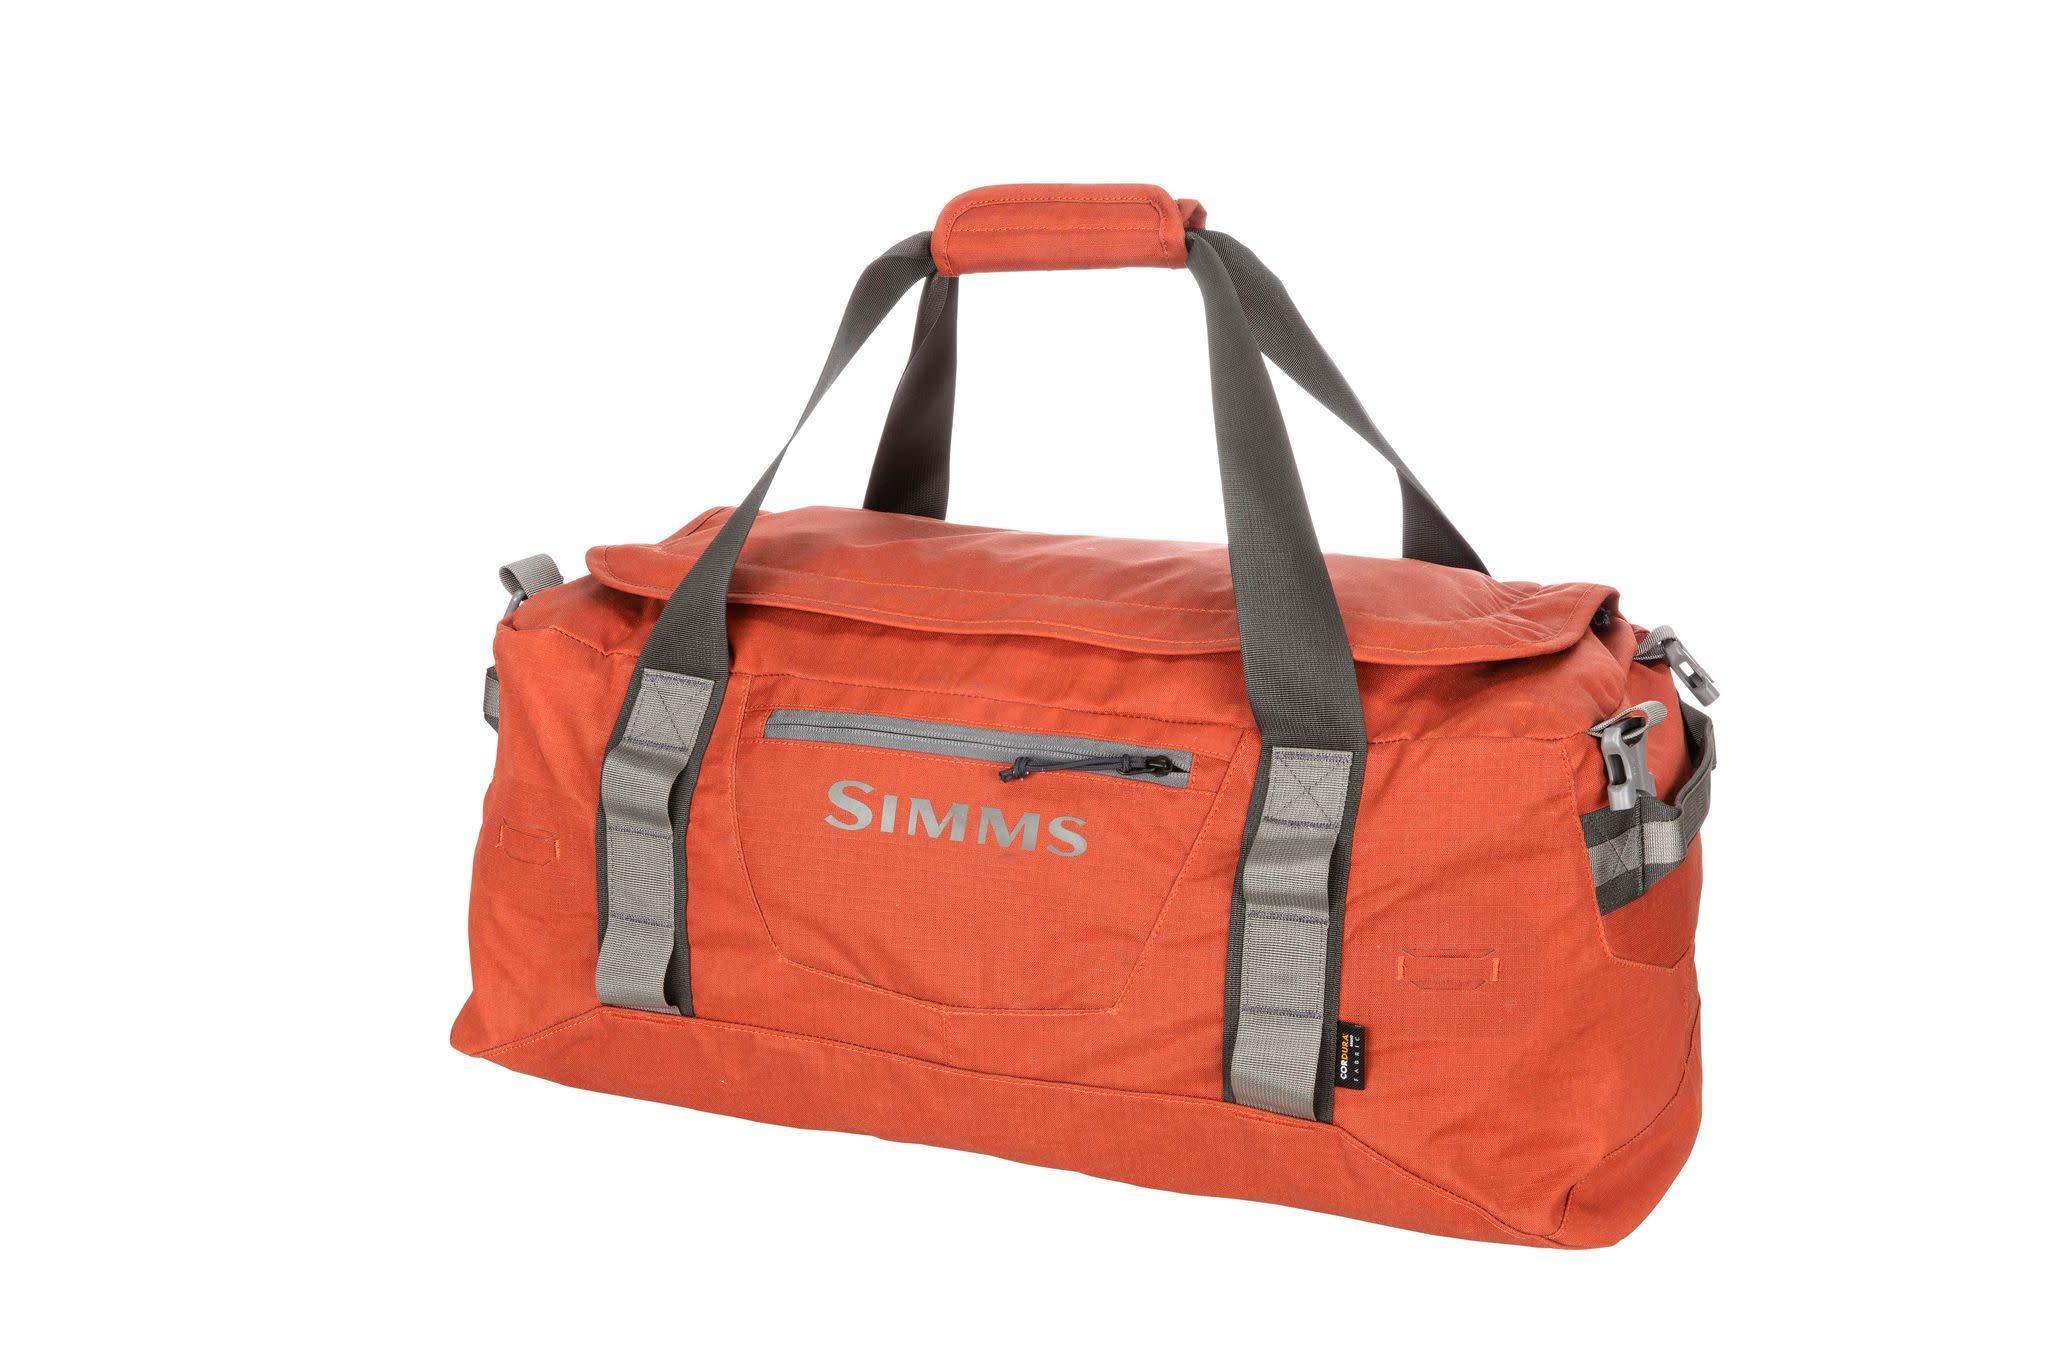 Simms GTS Gear Duffel - 50L Simms Orange